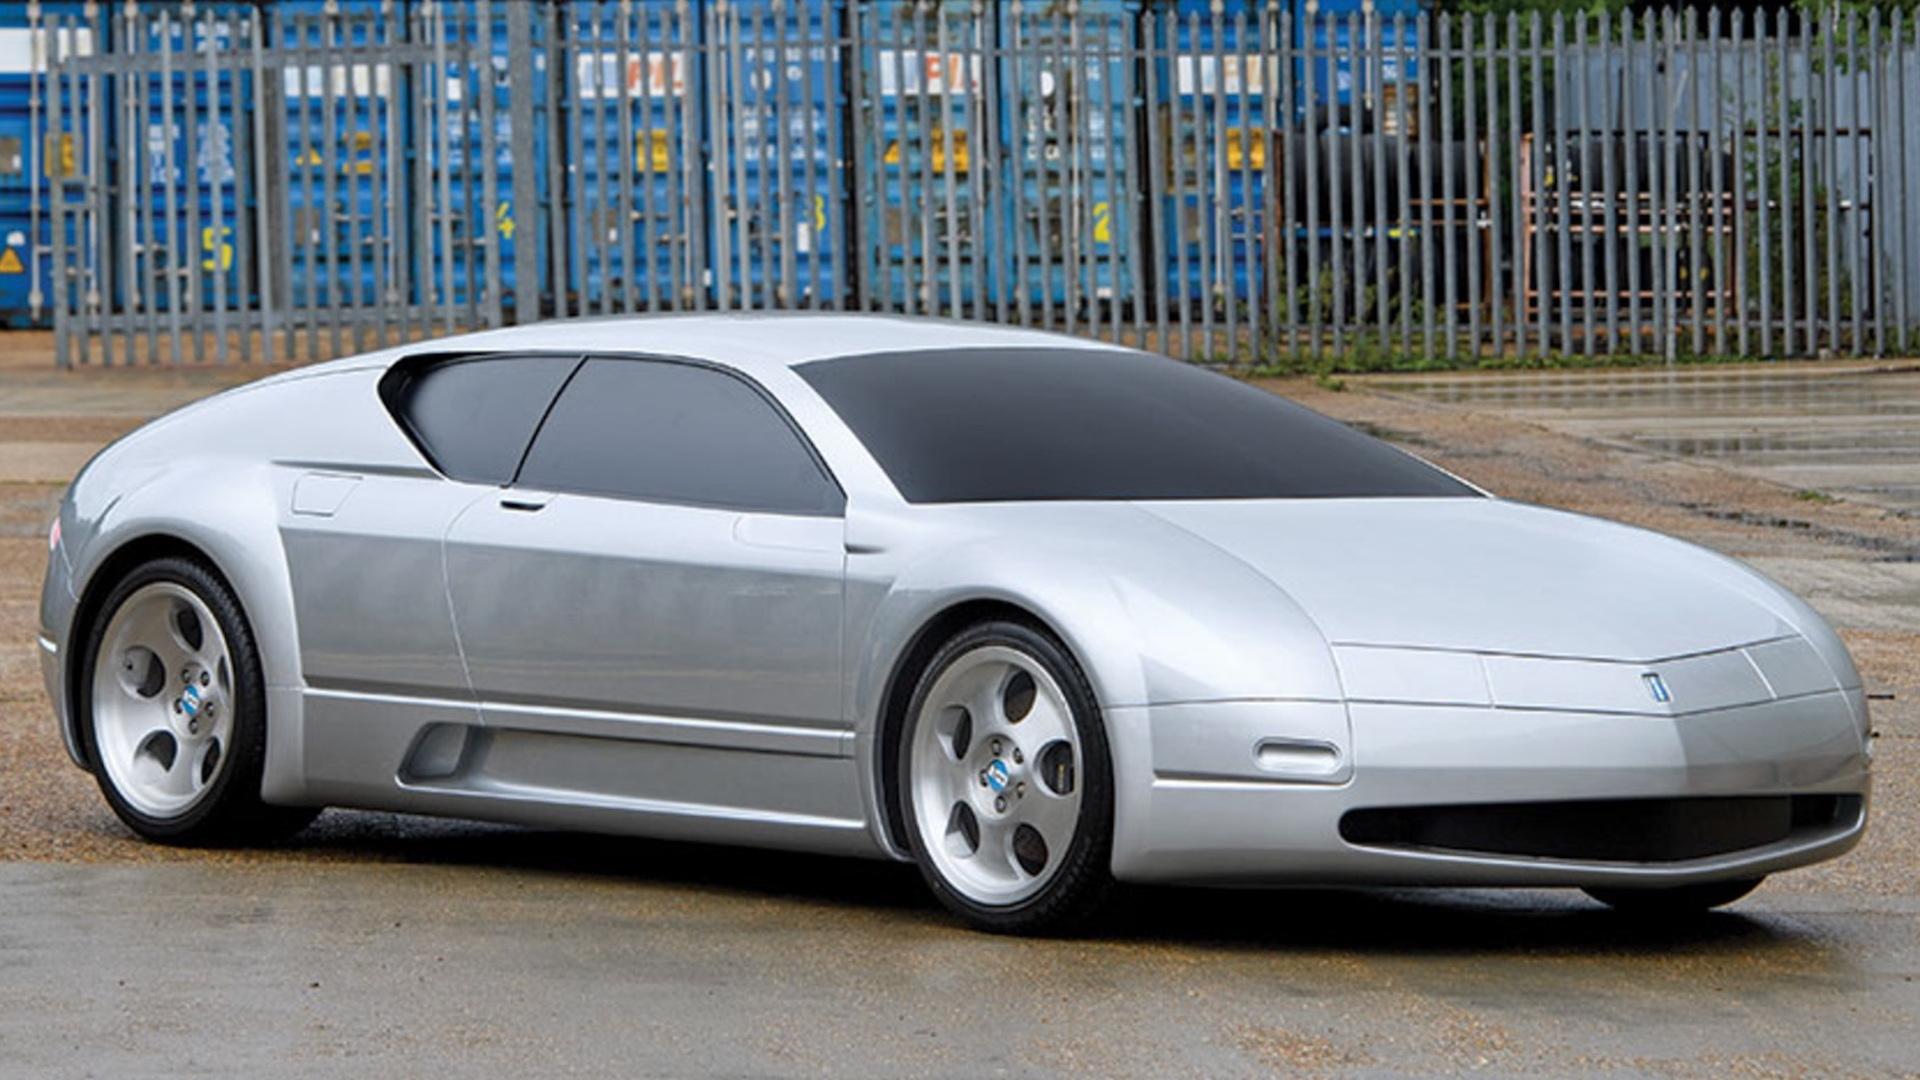 De Tomaso Nuova Pantera concept unveiled in 1999